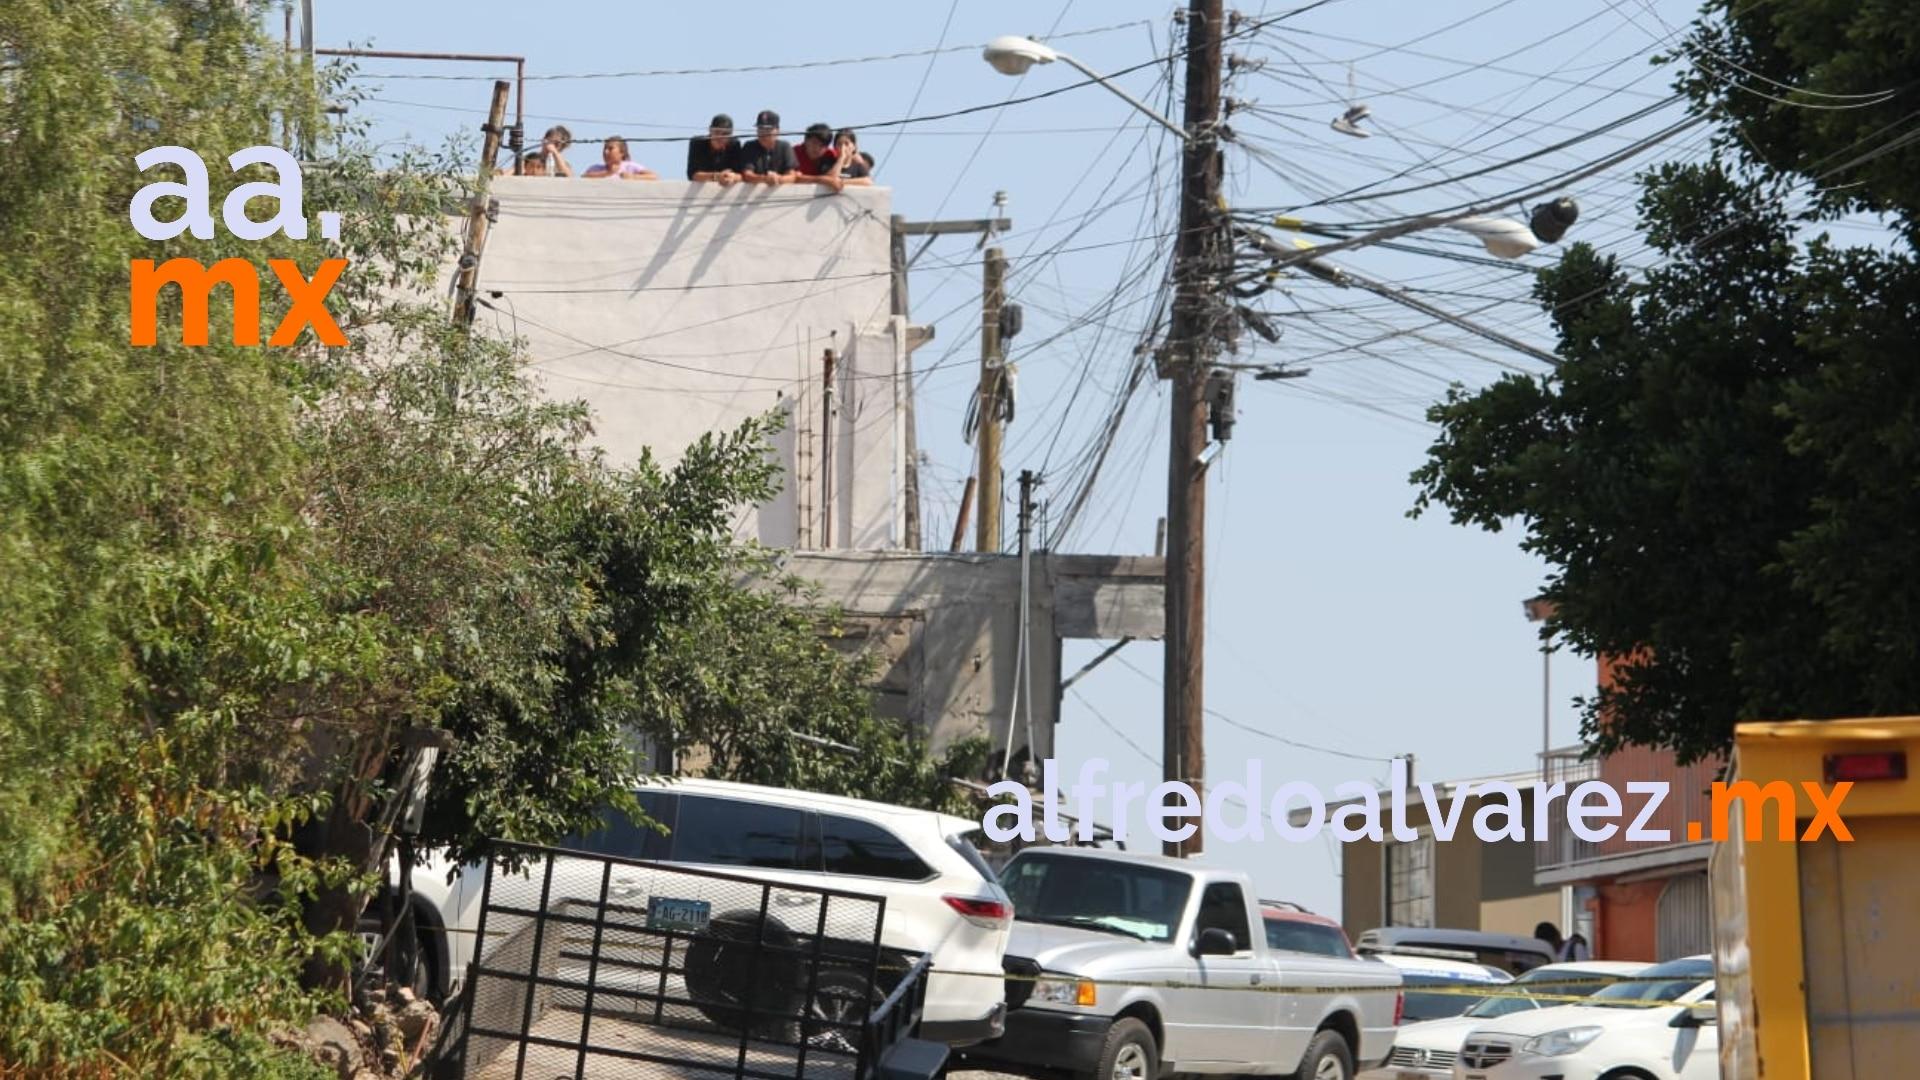 Matan-policia-municipal-en-Tijuana-incapacidad